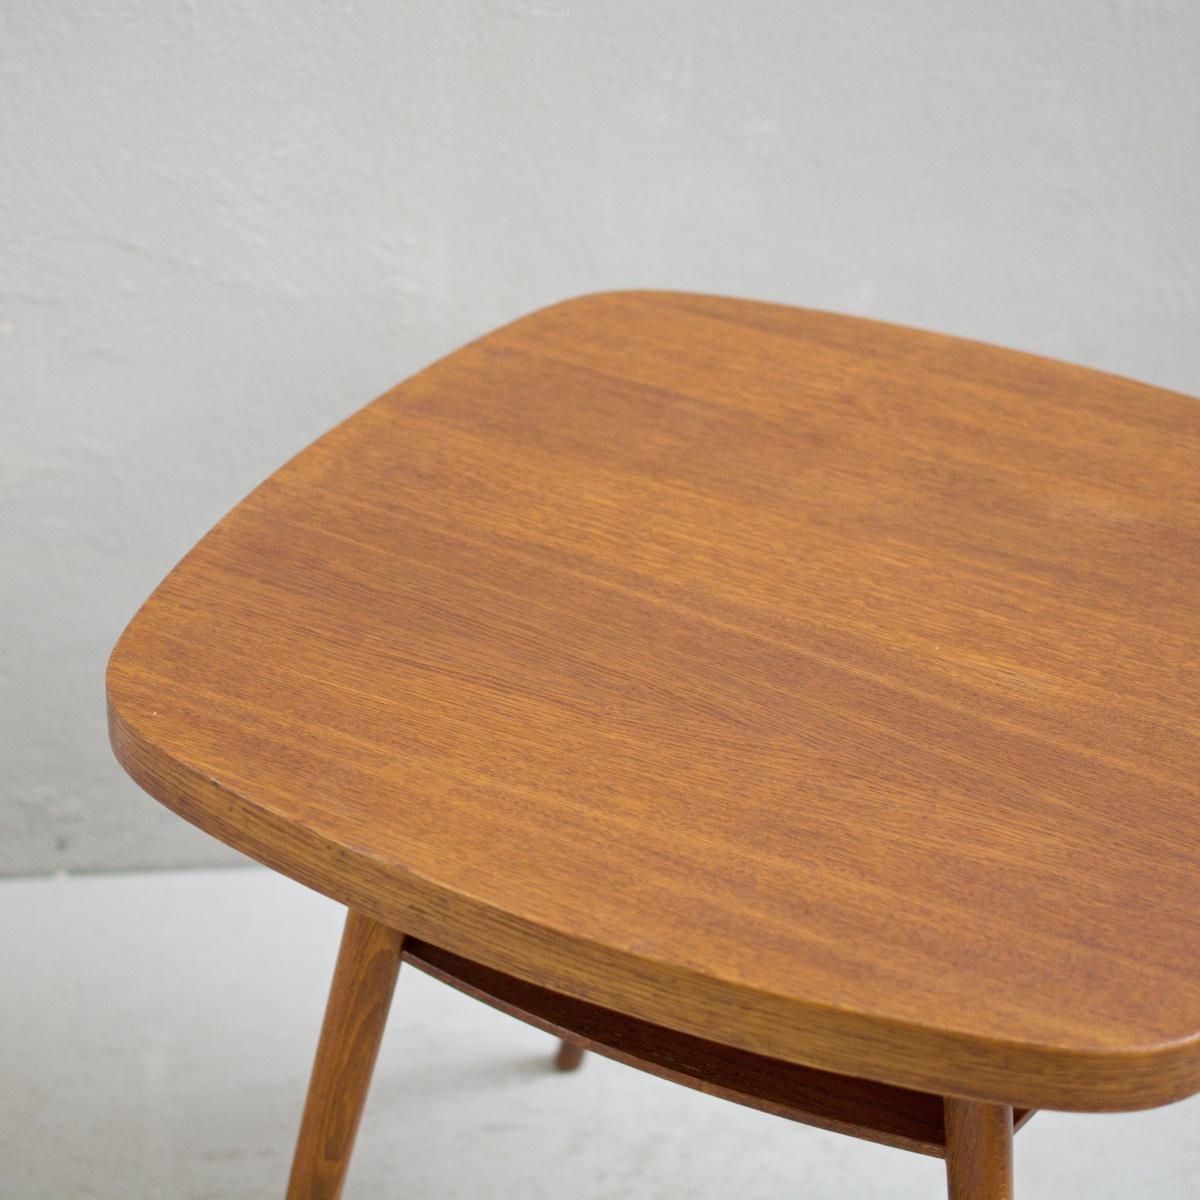 Prodej retro nábytku konferenční stolek s poličkou